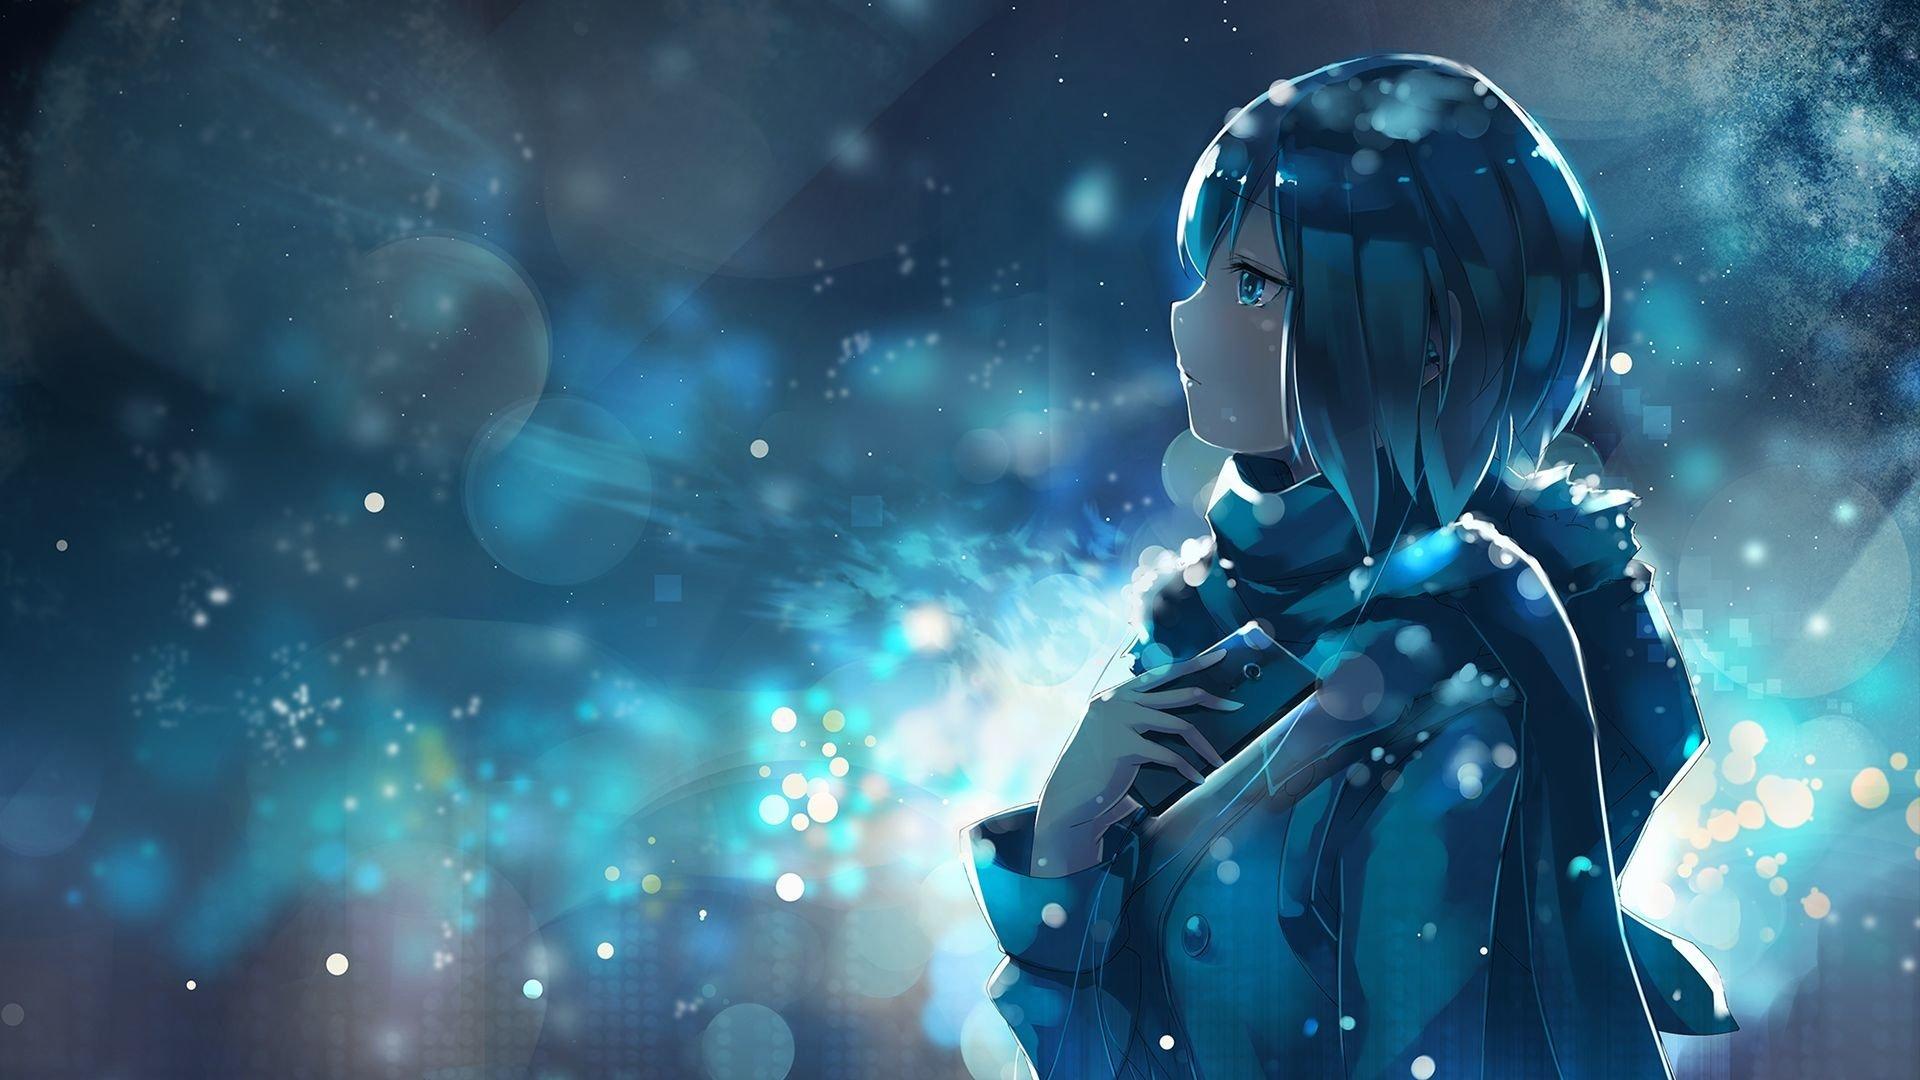 美しいアニメ壁紙のhd 悲しい少女の壁紙 19x1080 Wallpapertip